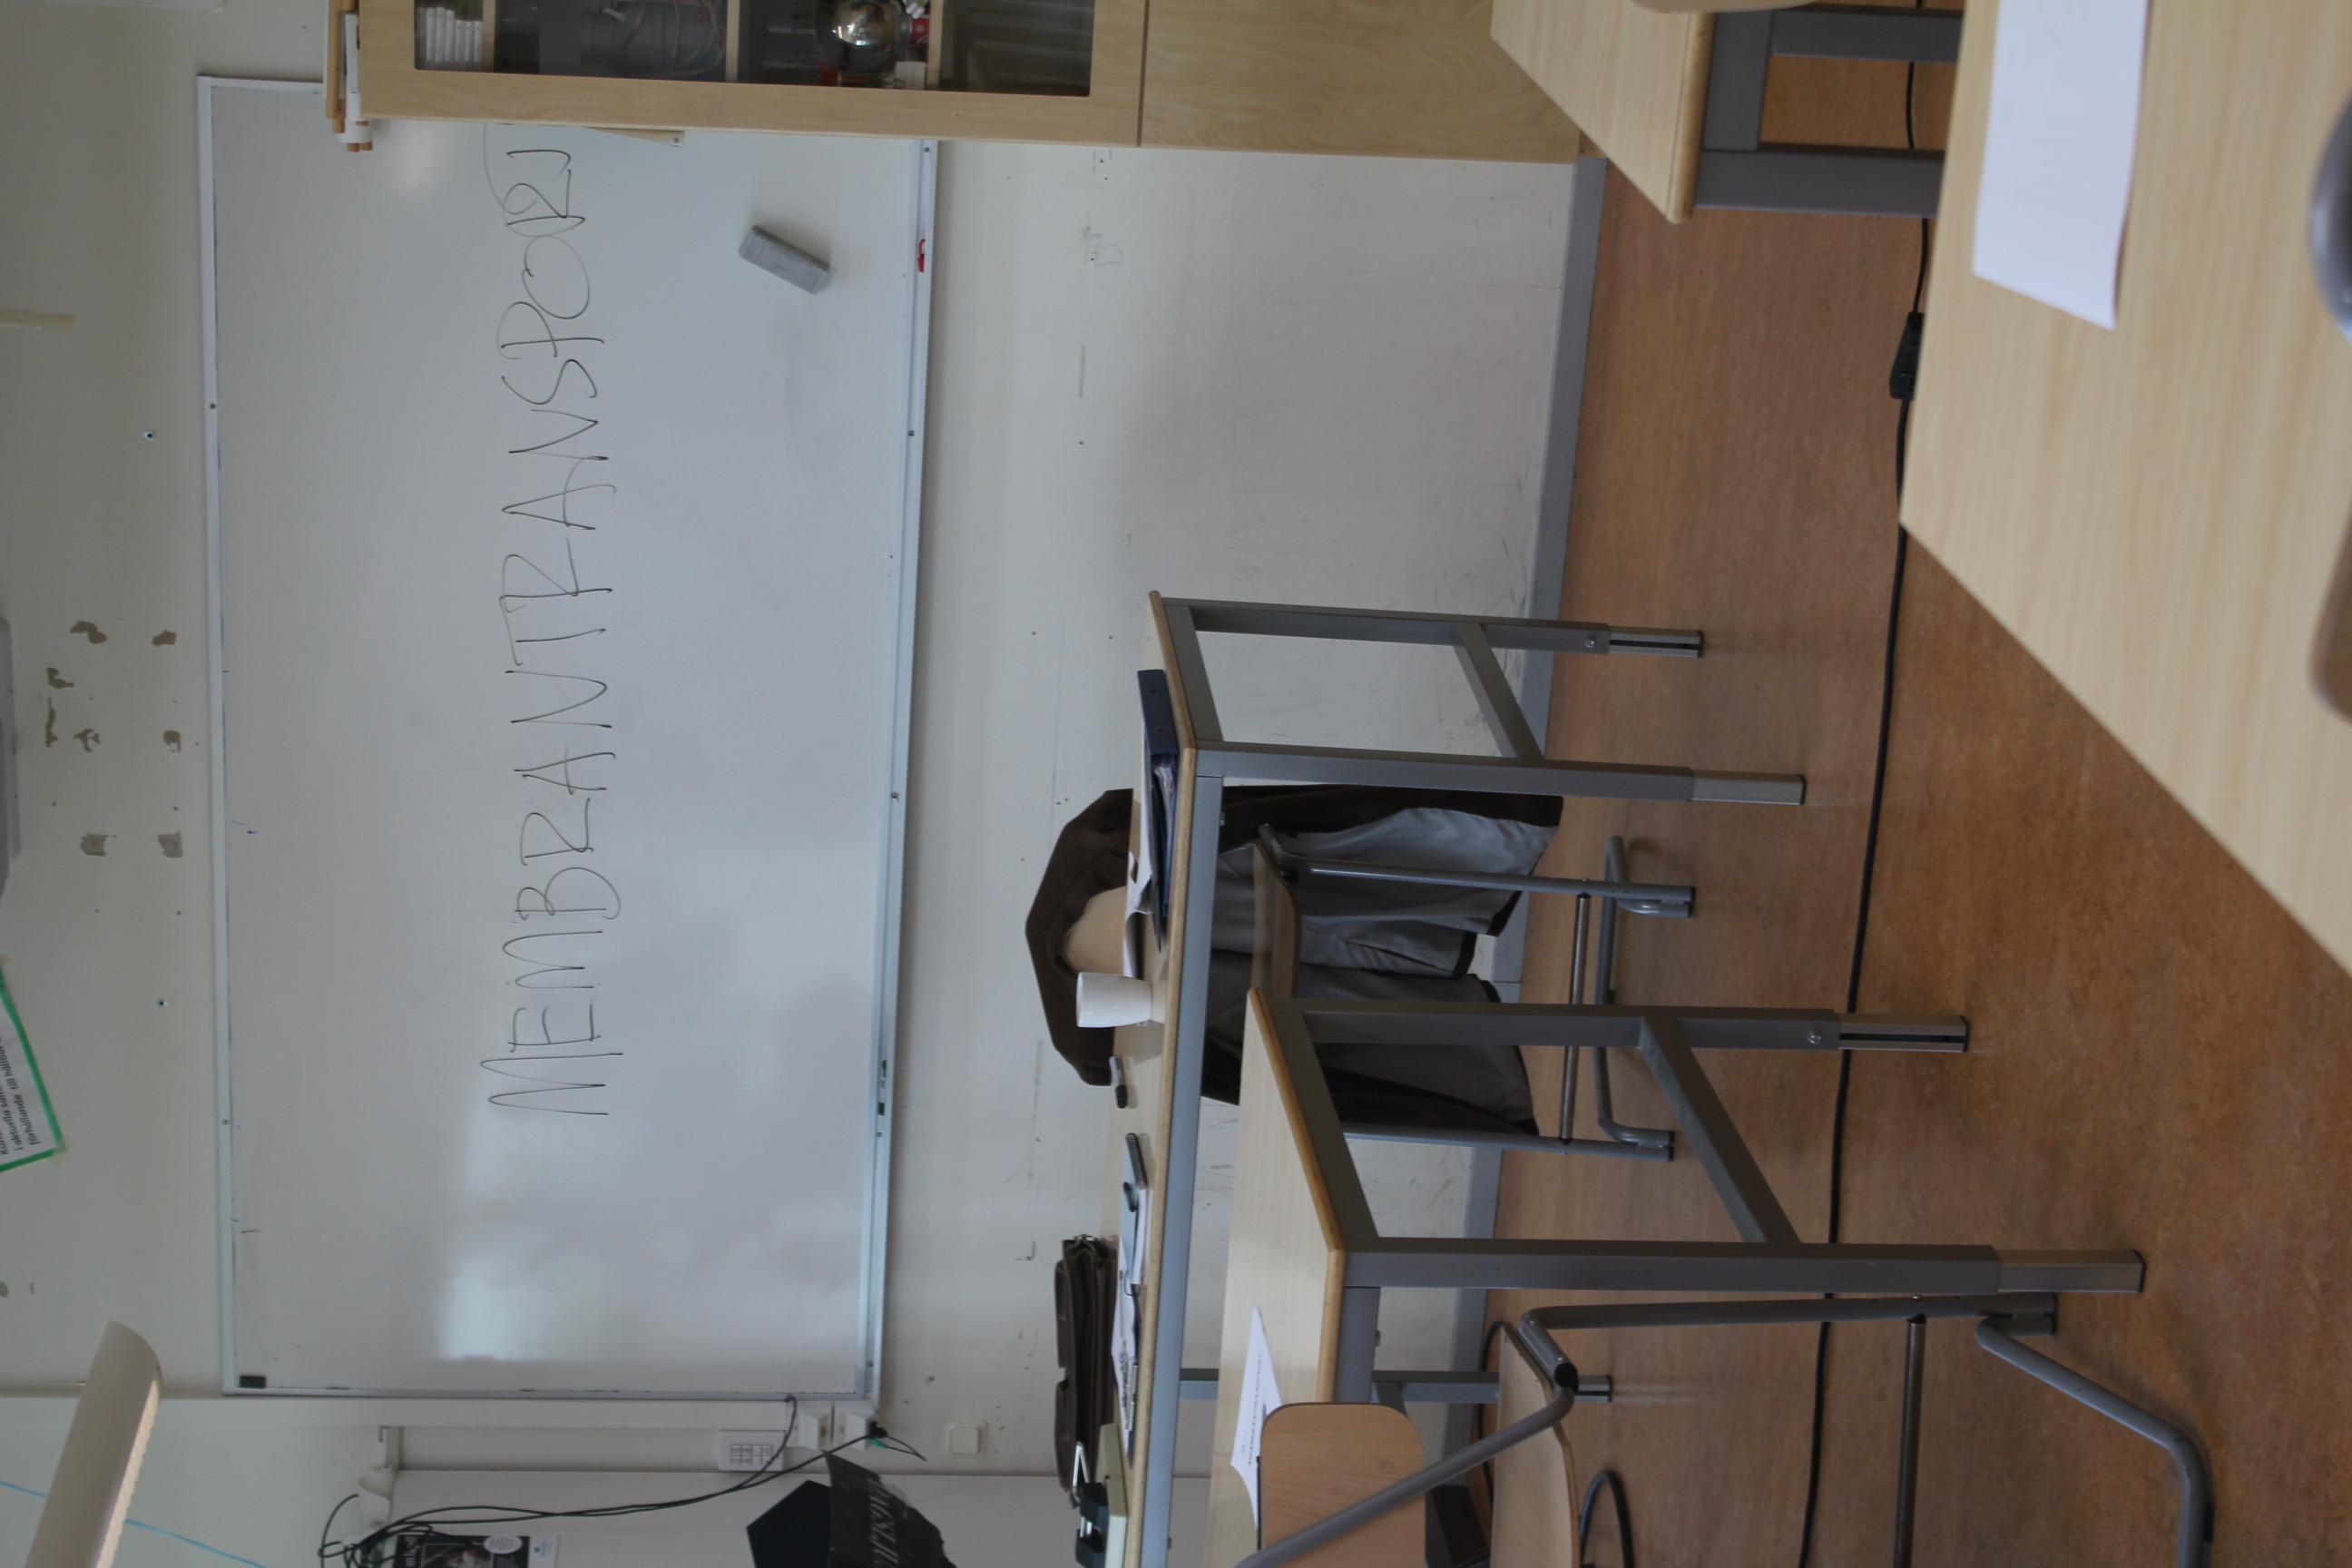 Läraren dag05 140518 2014-05-18 13-01-01.JPG